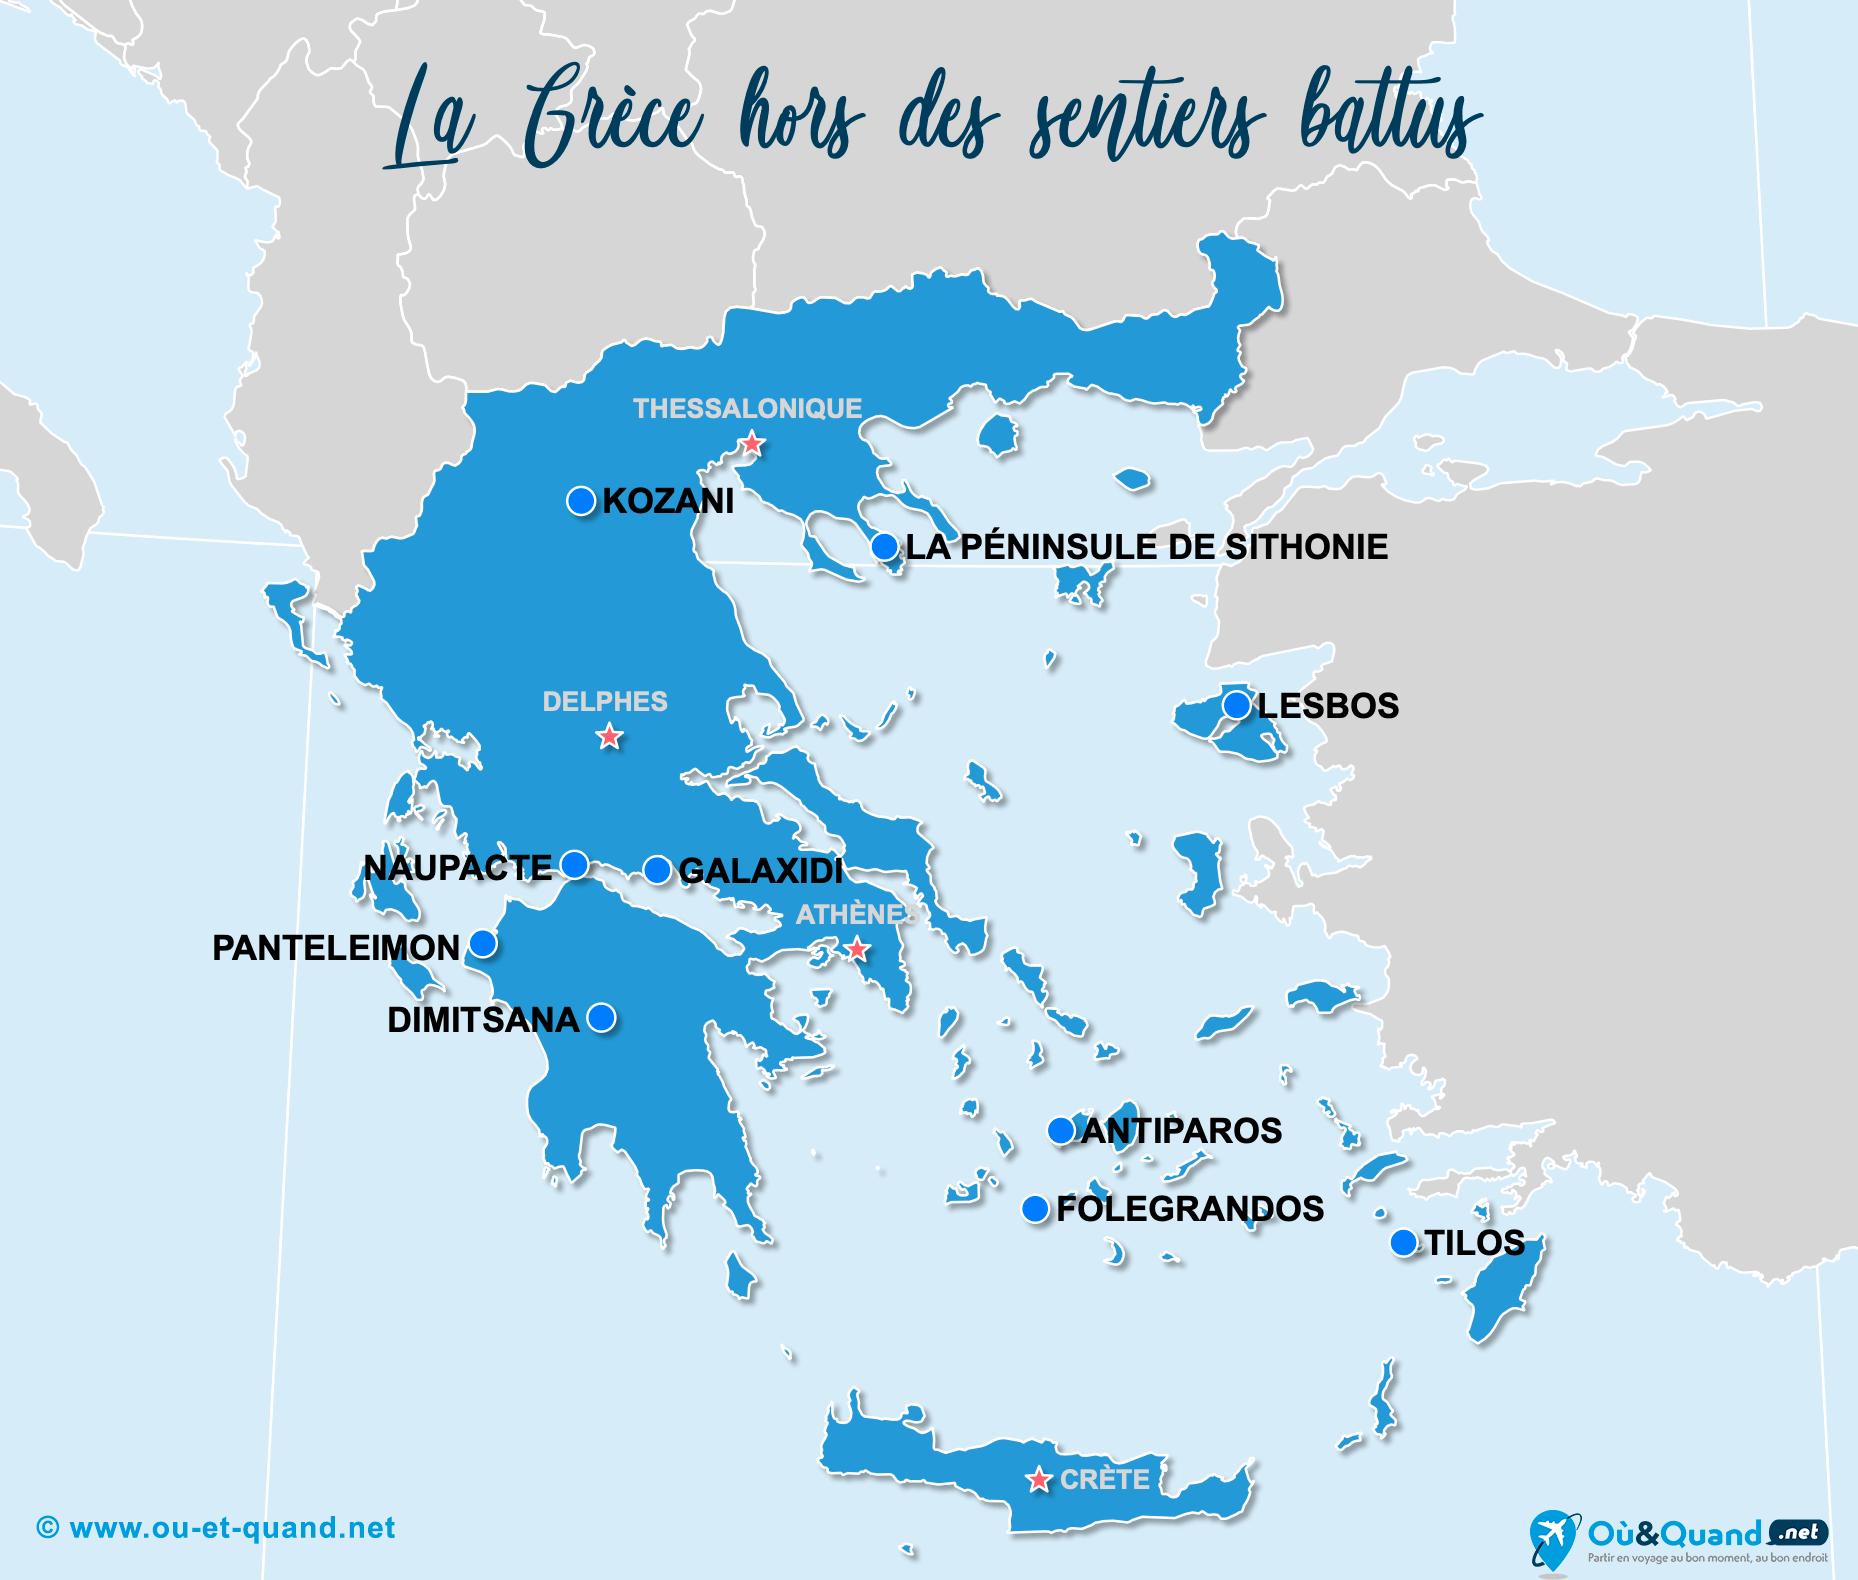 Carte Grèce : La Grèce hors des sentiers battus